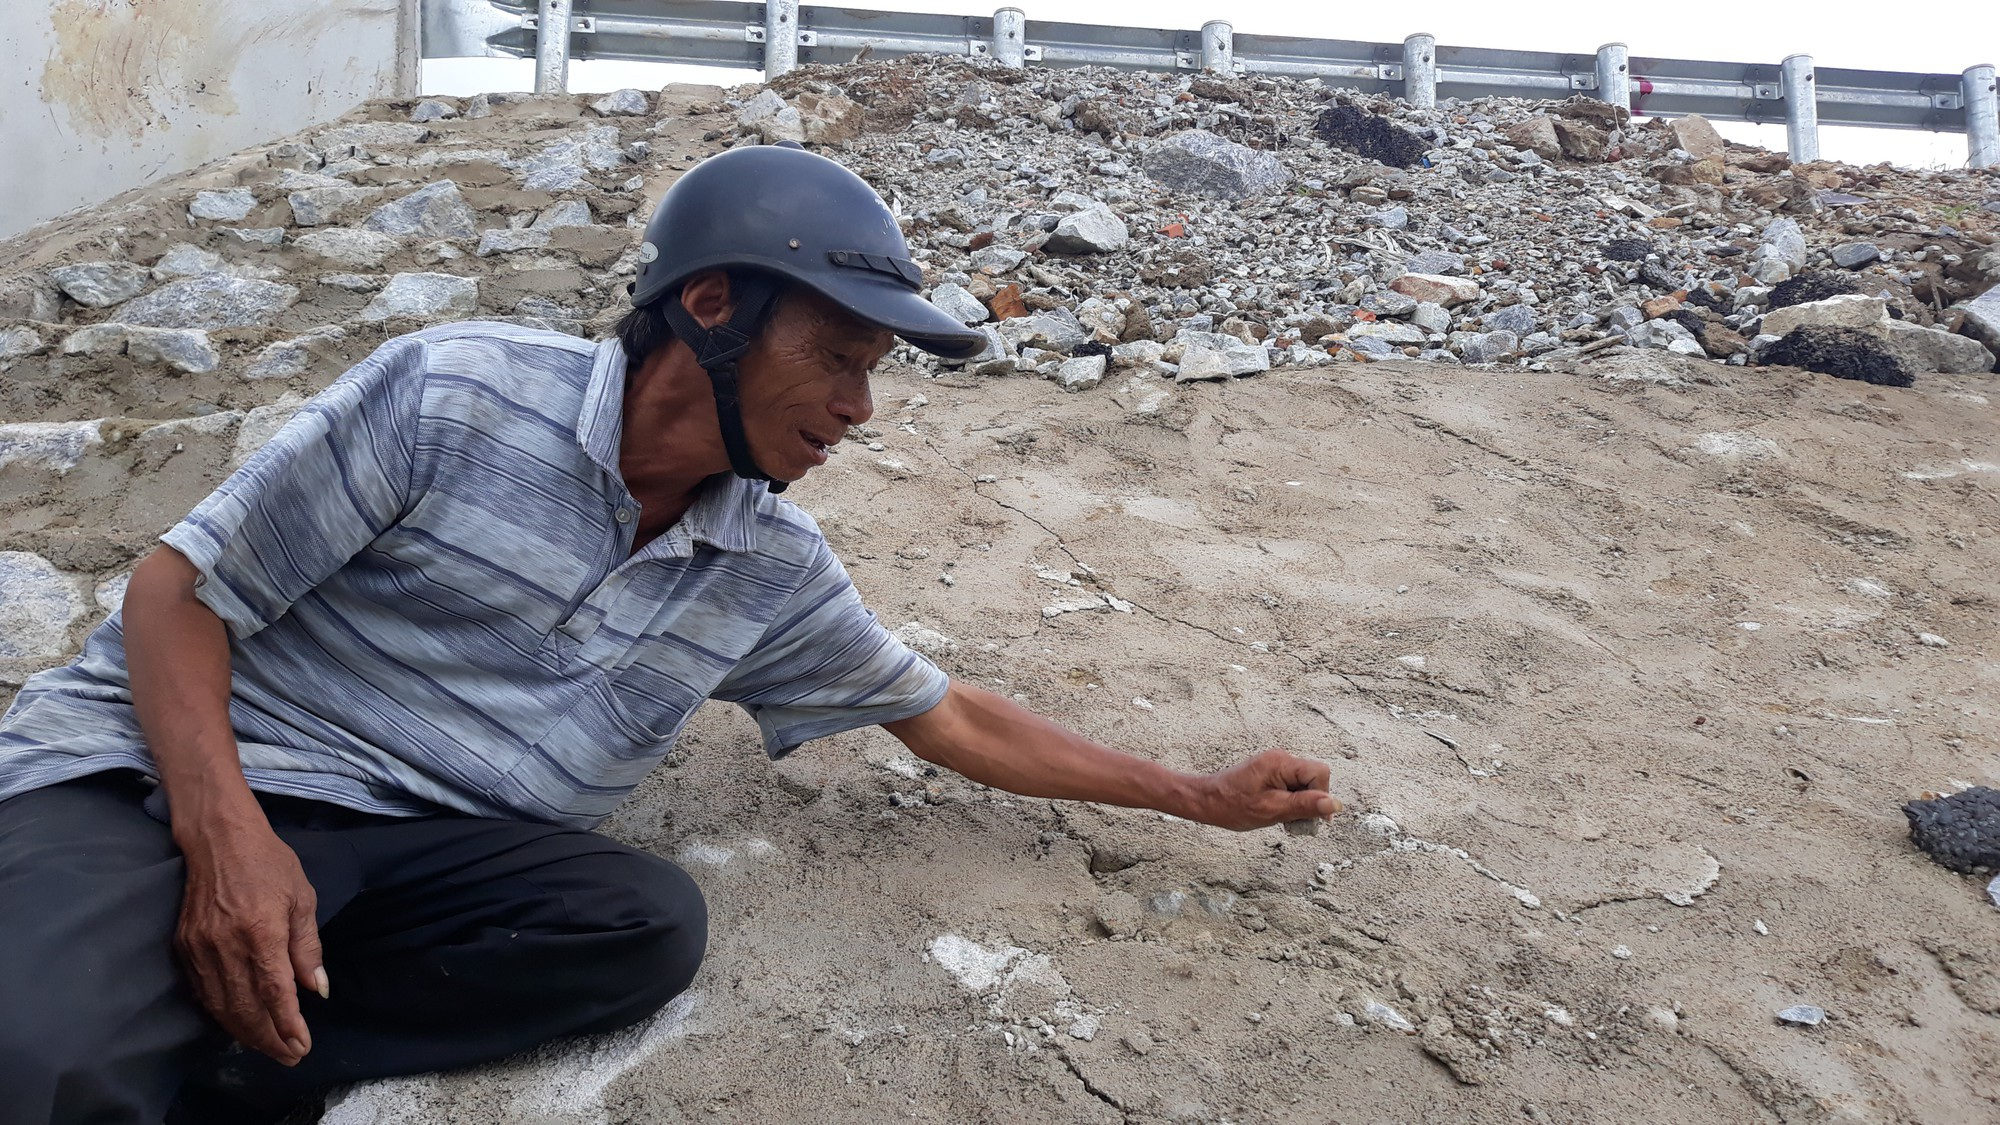 Cao tốc Đà Nẵng - Quảng Ngãi: Bê tông mái taluy vỡ vụn - Ảnh 2.